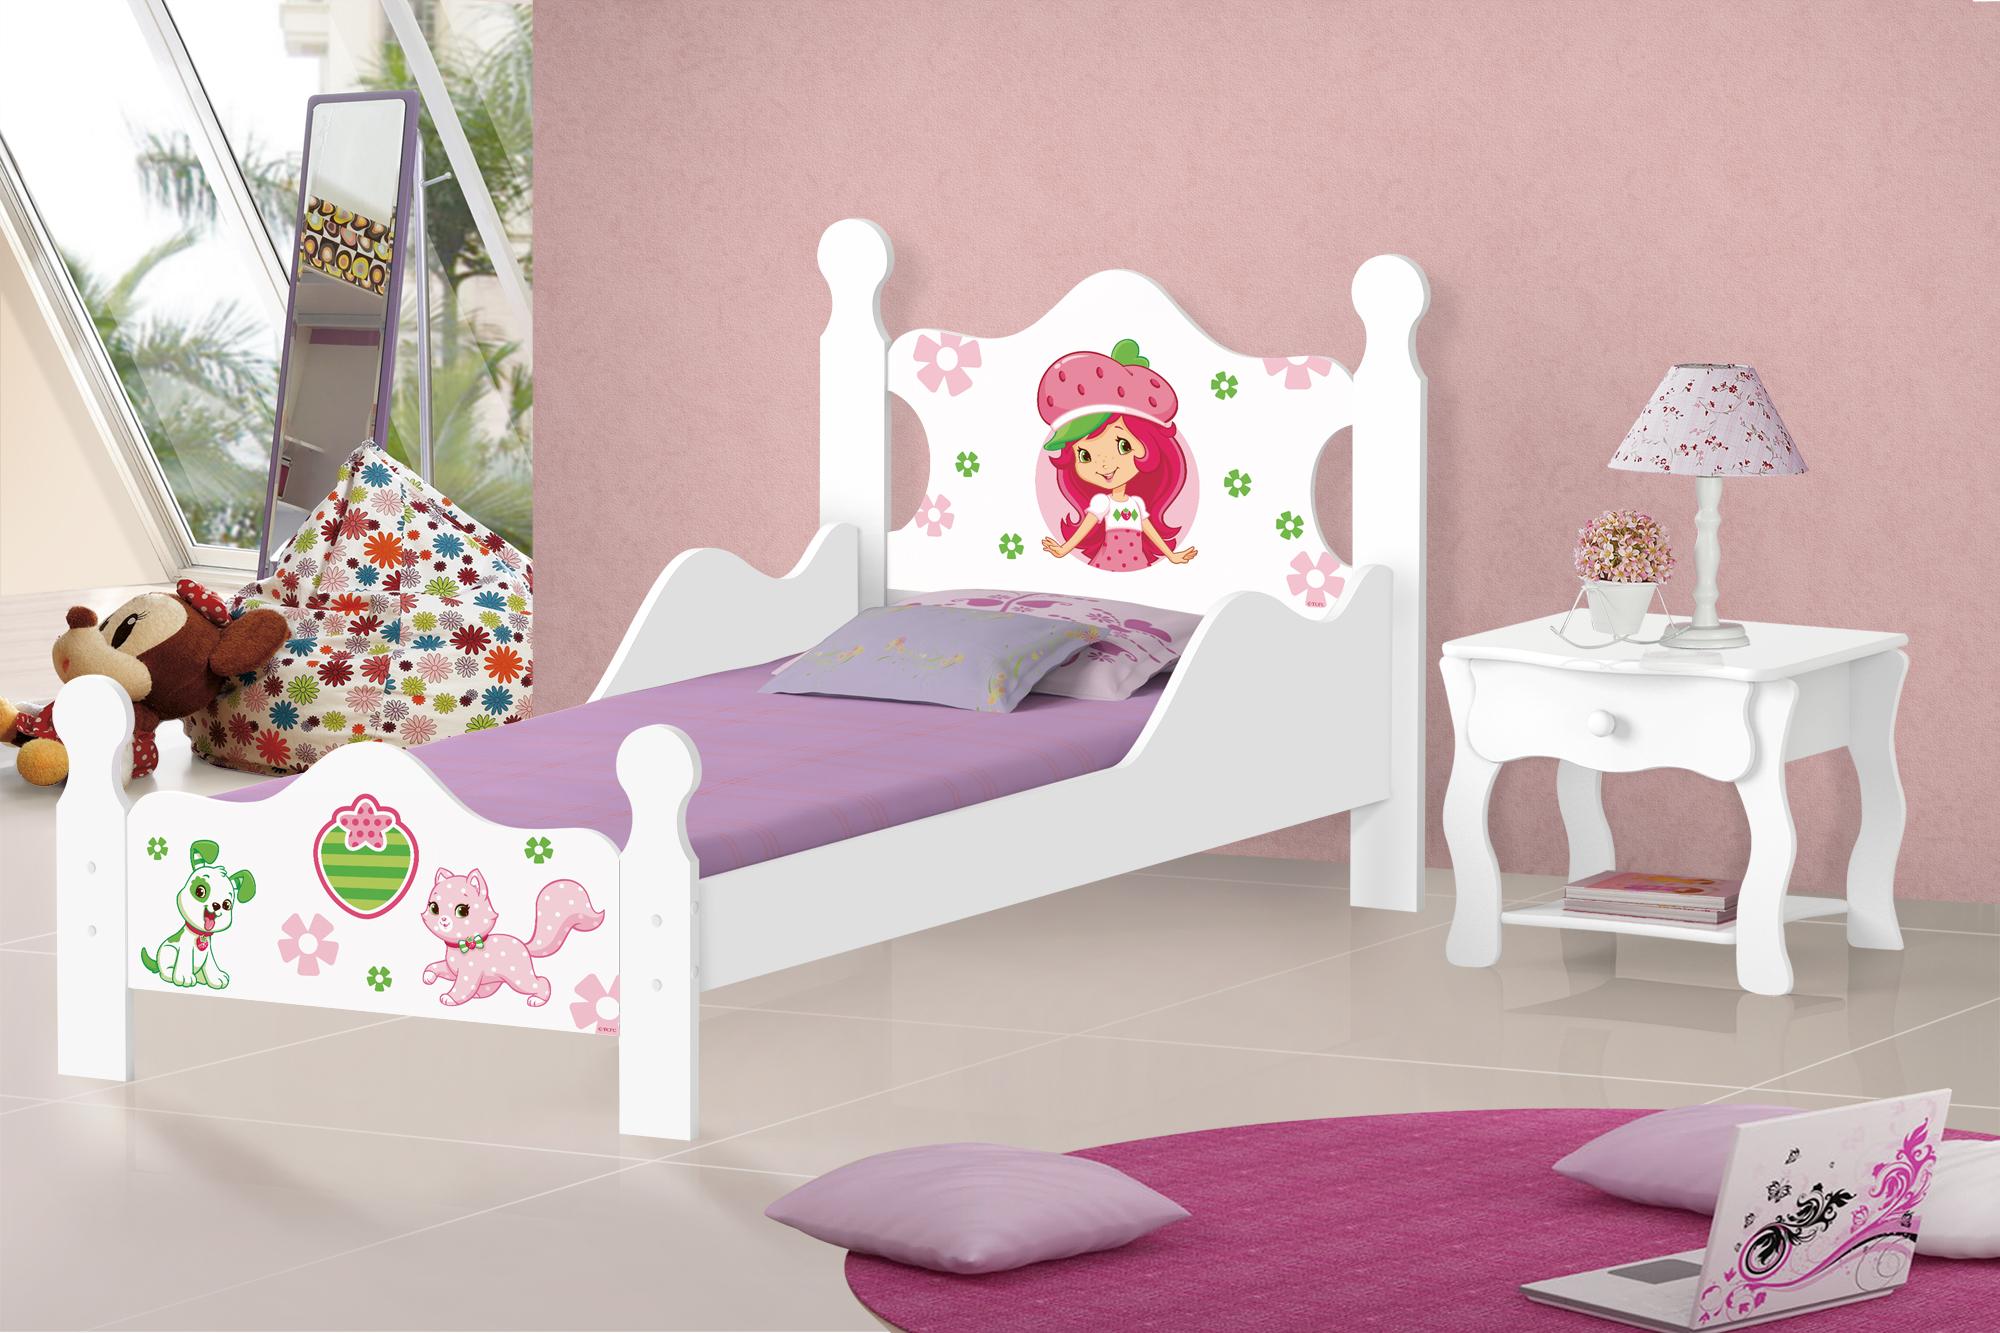 cama infantil branca feminina moranguinho com graded